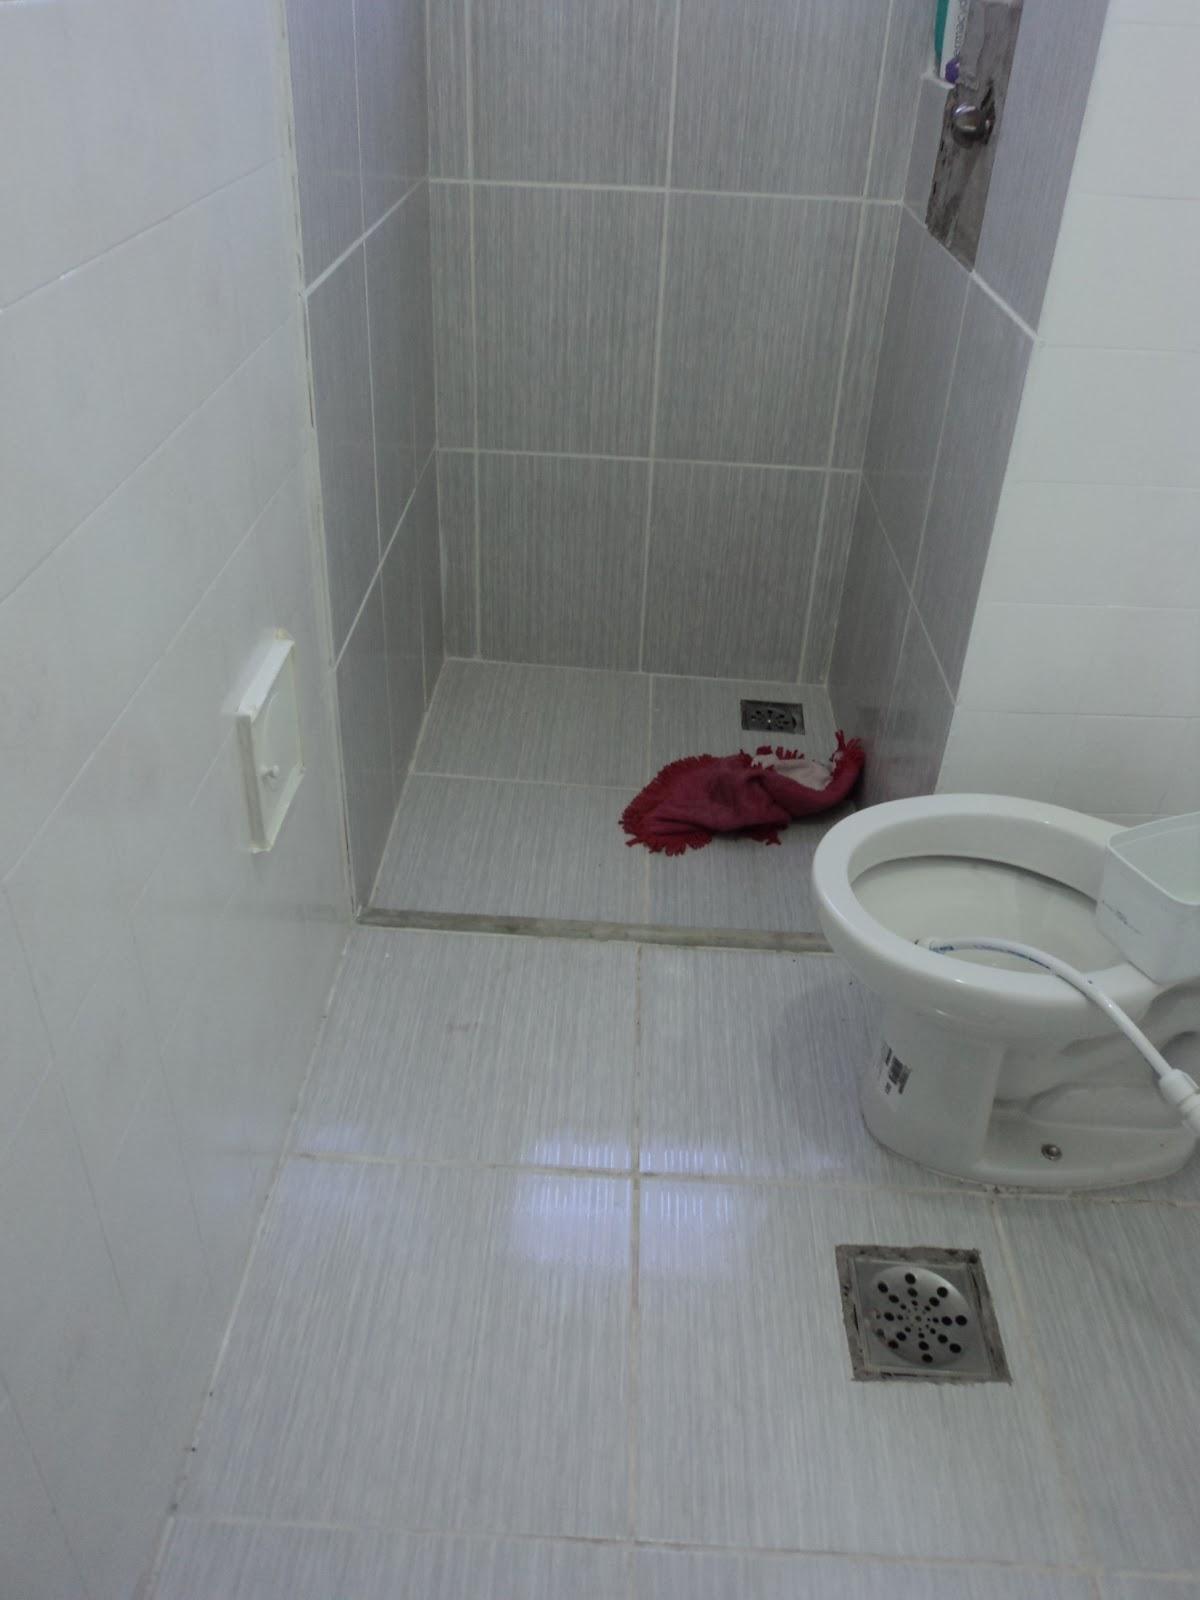 tinha passado apenas uma mão de tinta epóxi nos azulejos do lavabo #405D61 1200x1600 Banheiro Azulejo Ou Tinta